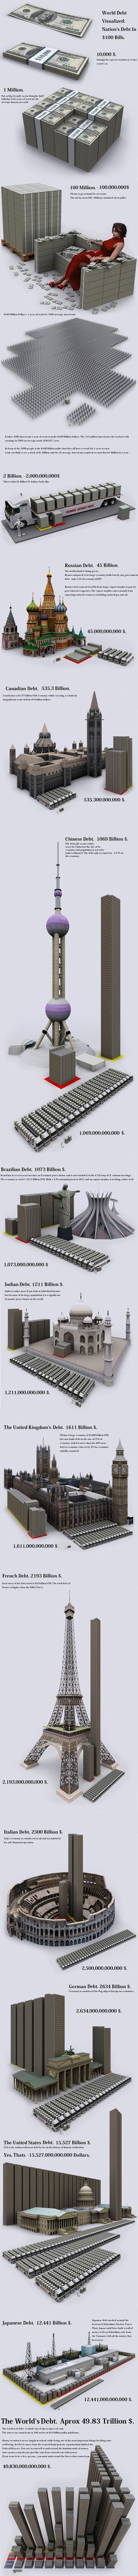 World's debt